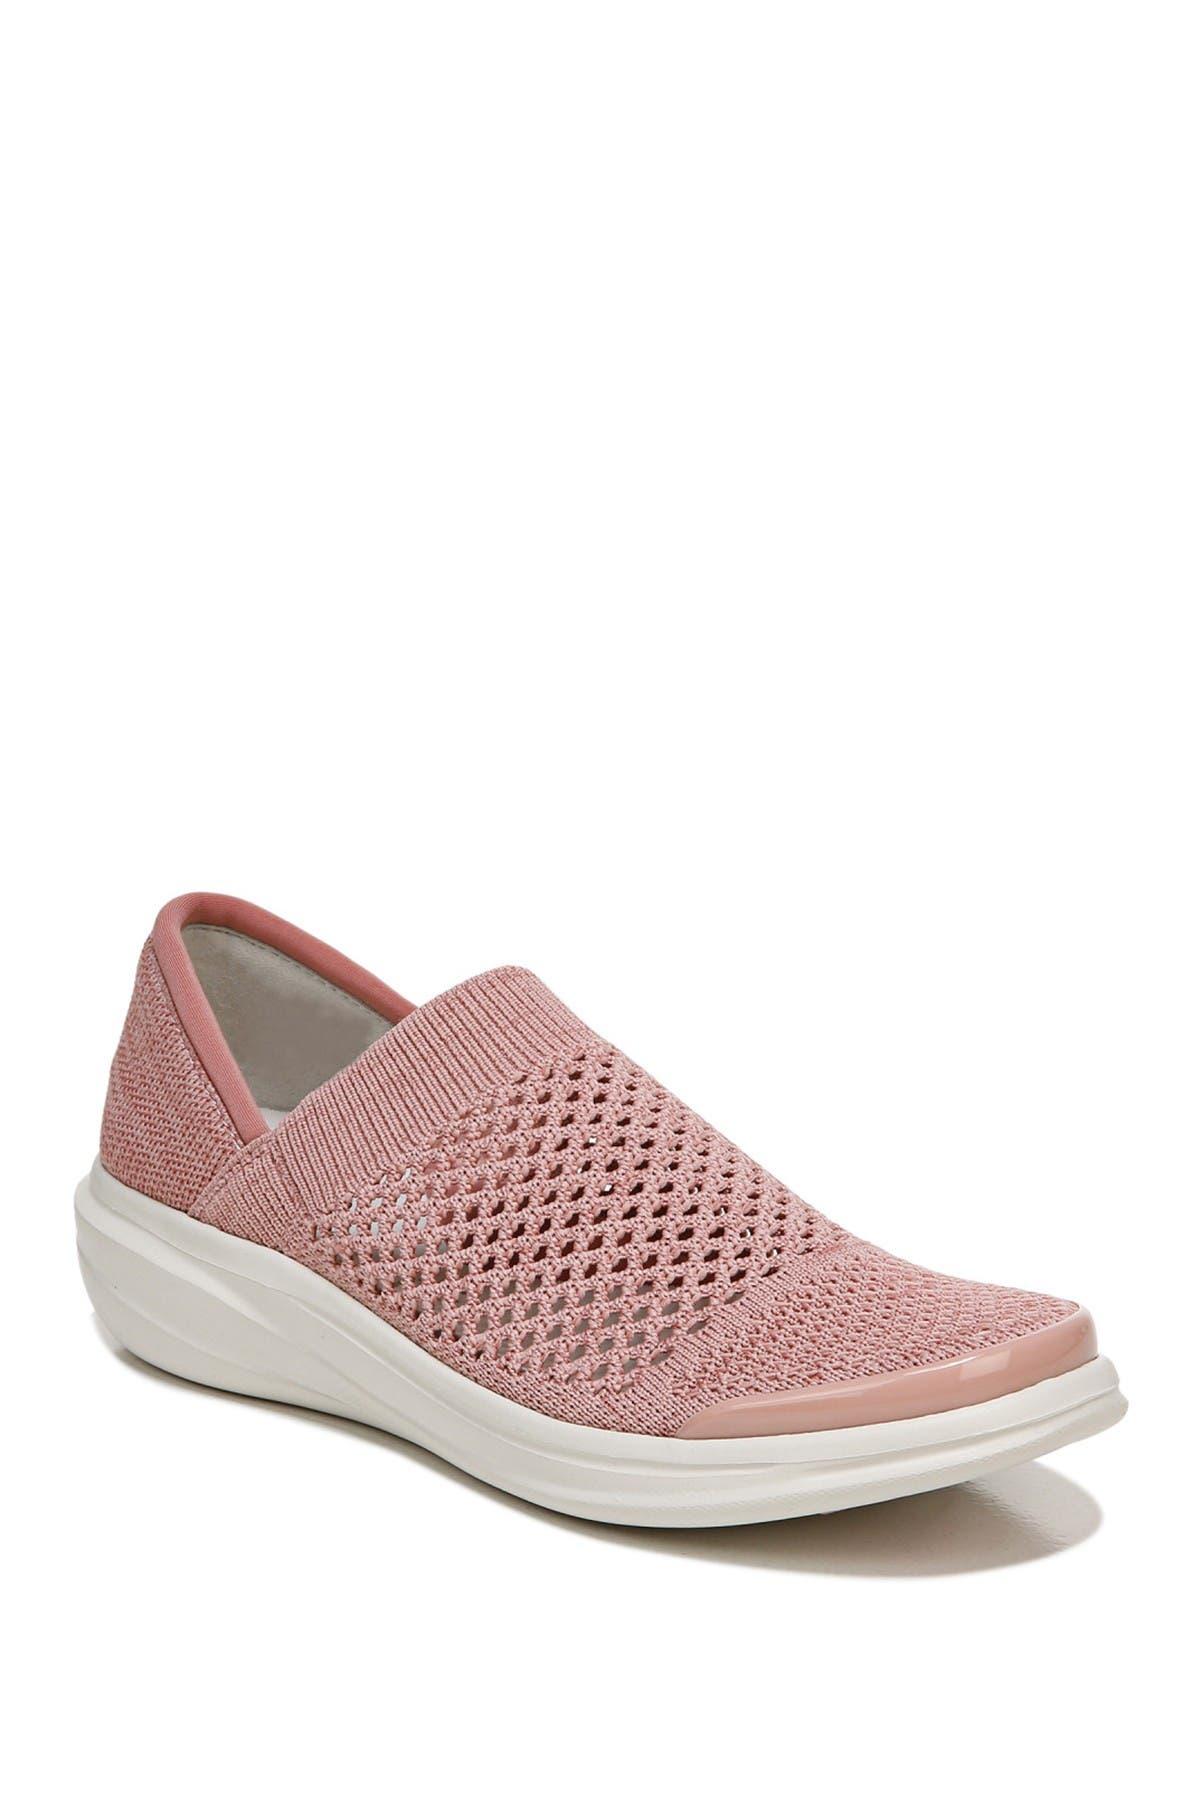 Image of BZEES Charlie Knit Slip-On Sneaker